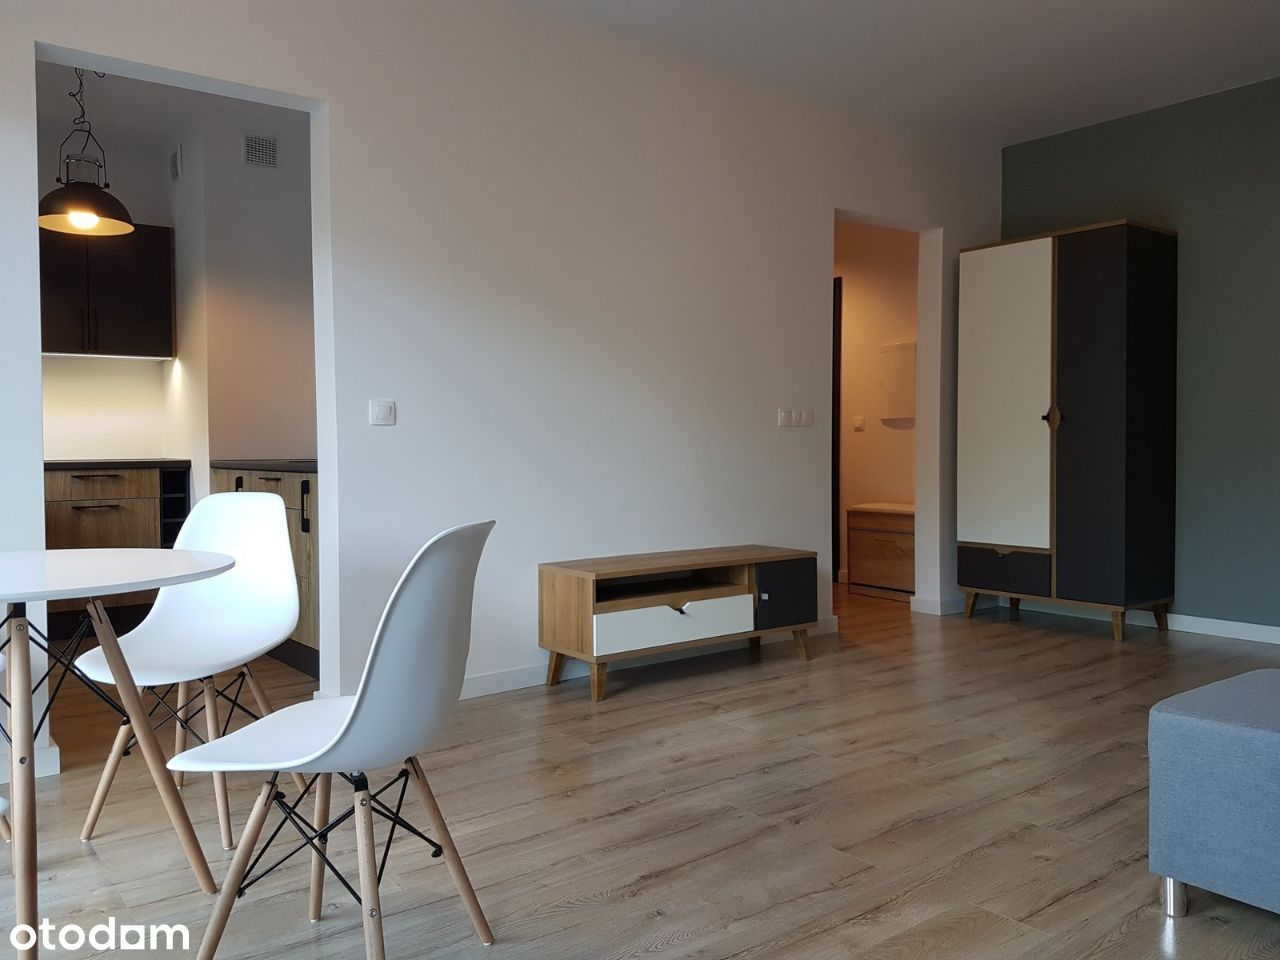 Rezerwacja - Apartament na Źródlanej (Sołacz)